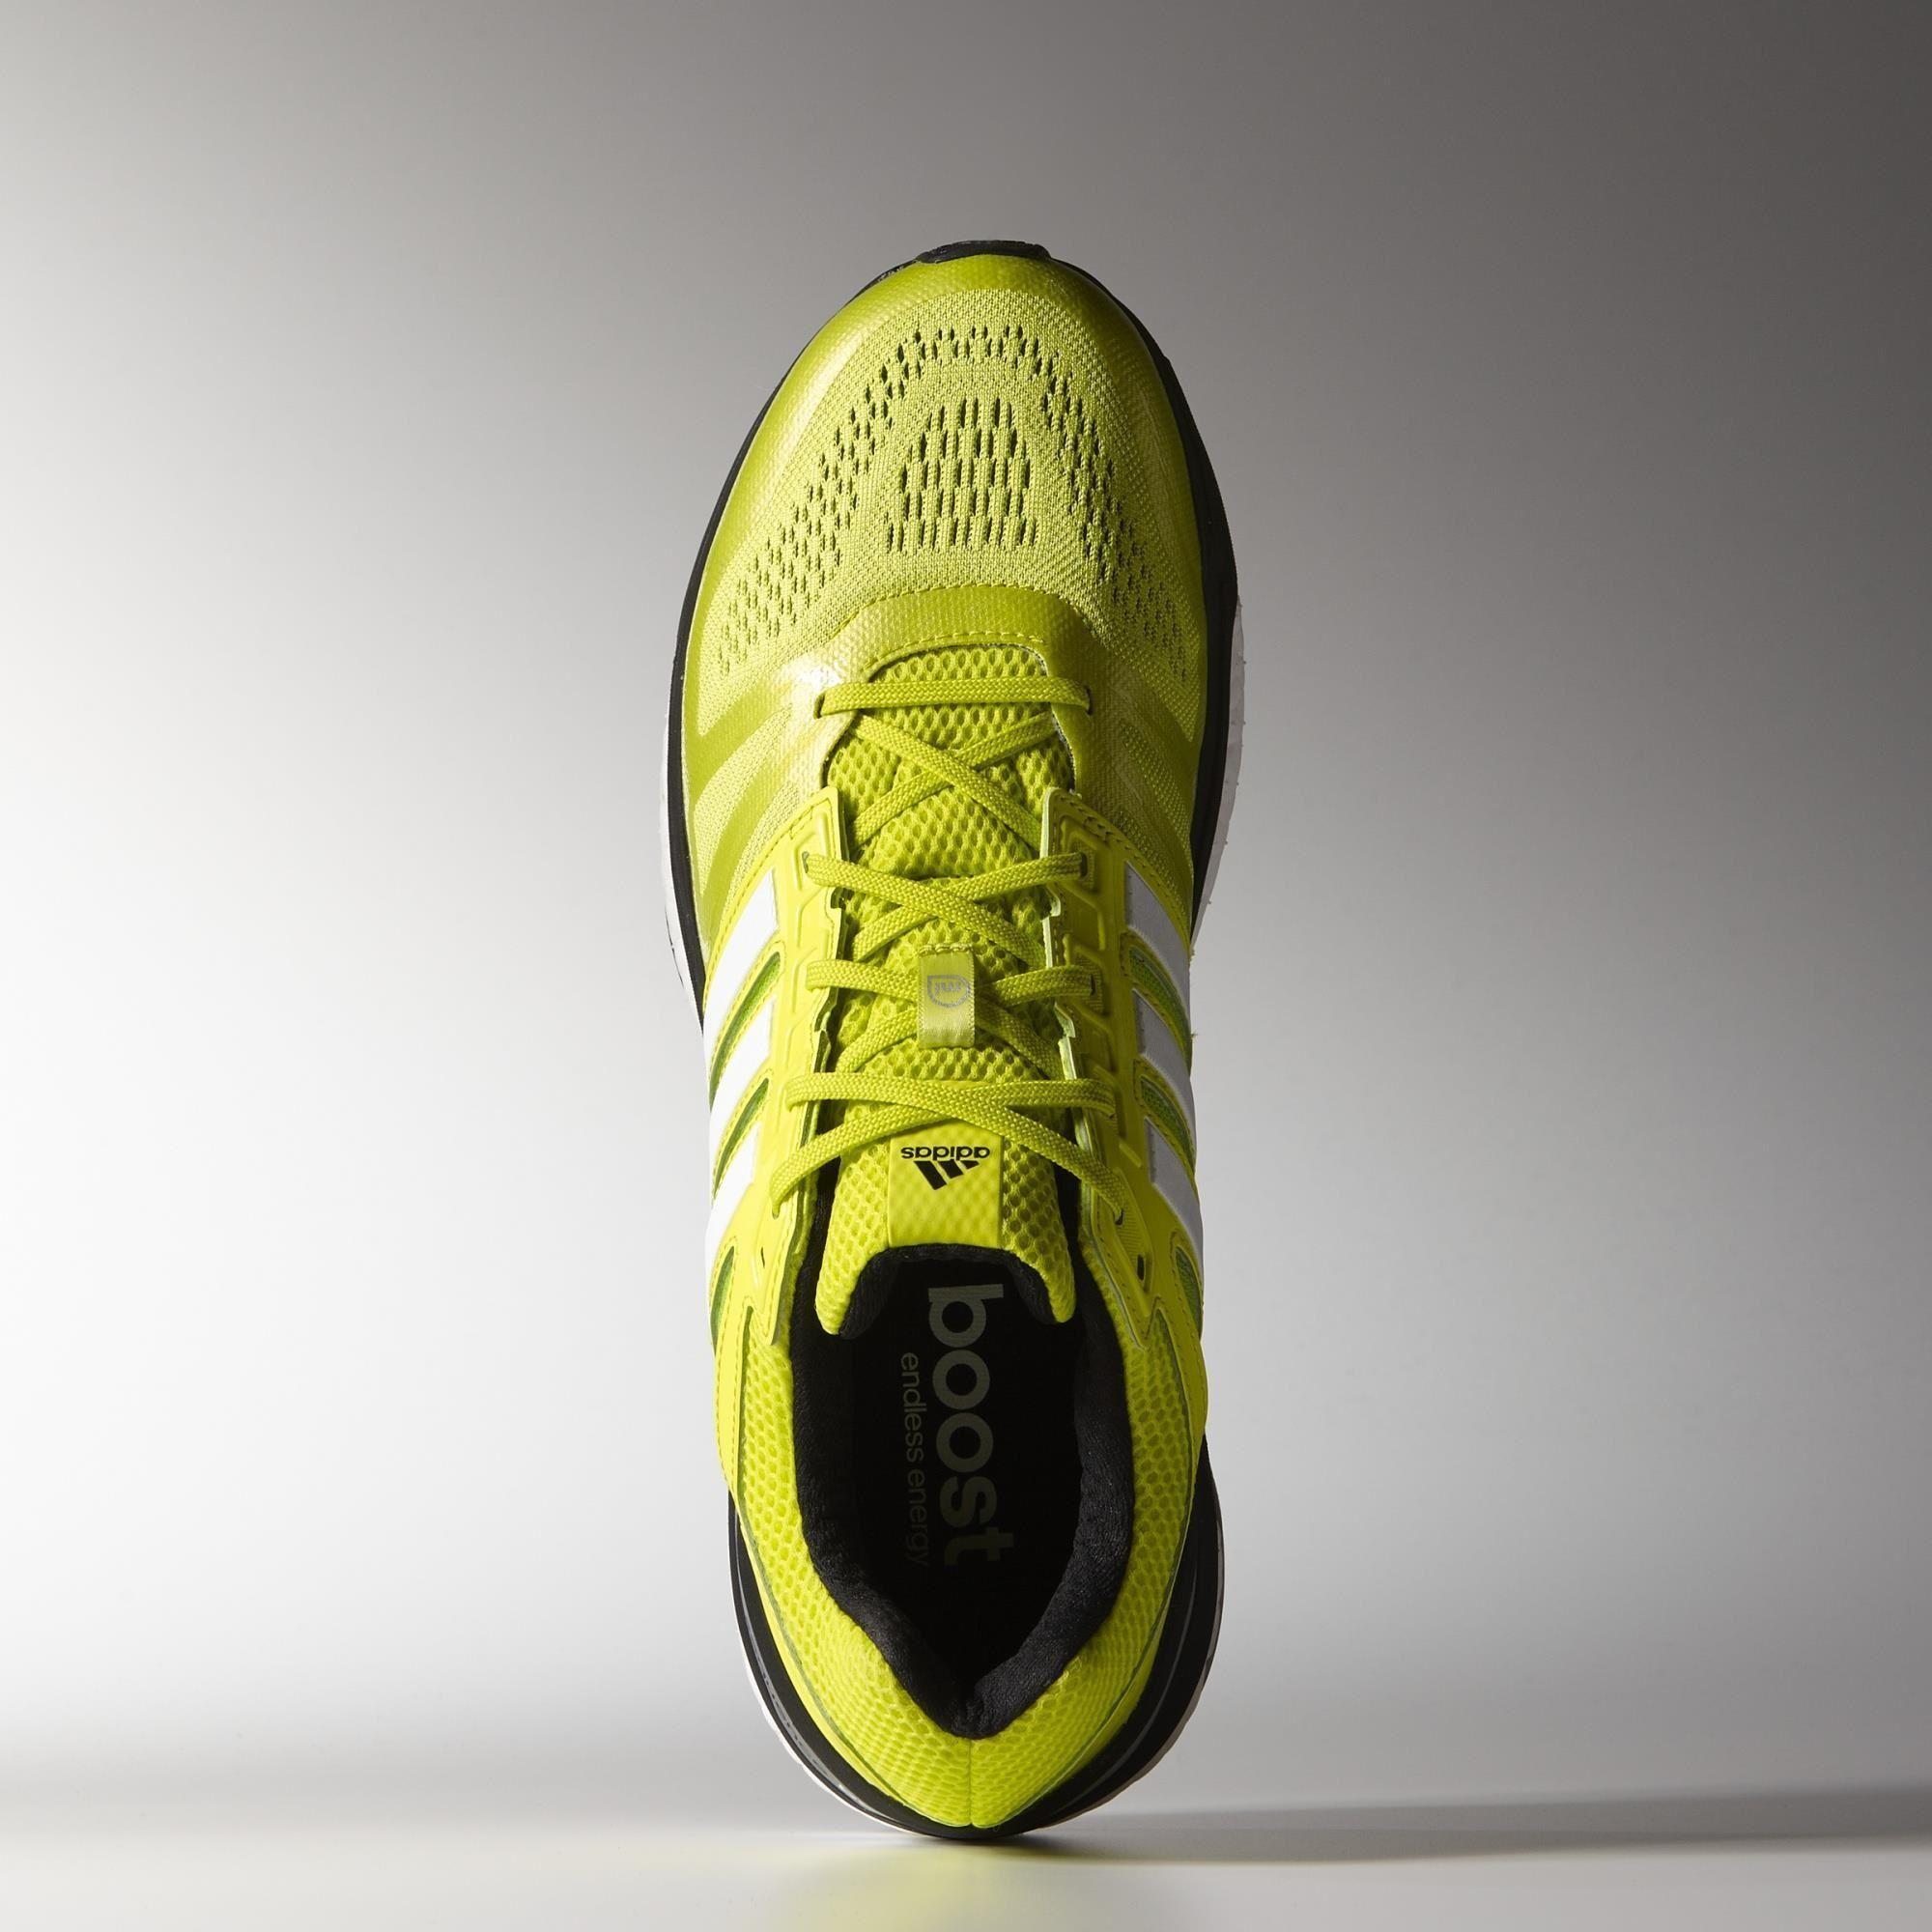 Adidas Amplification De Séquence D'supernova 7w Des Femmes De Chaussure De Course rPbawo